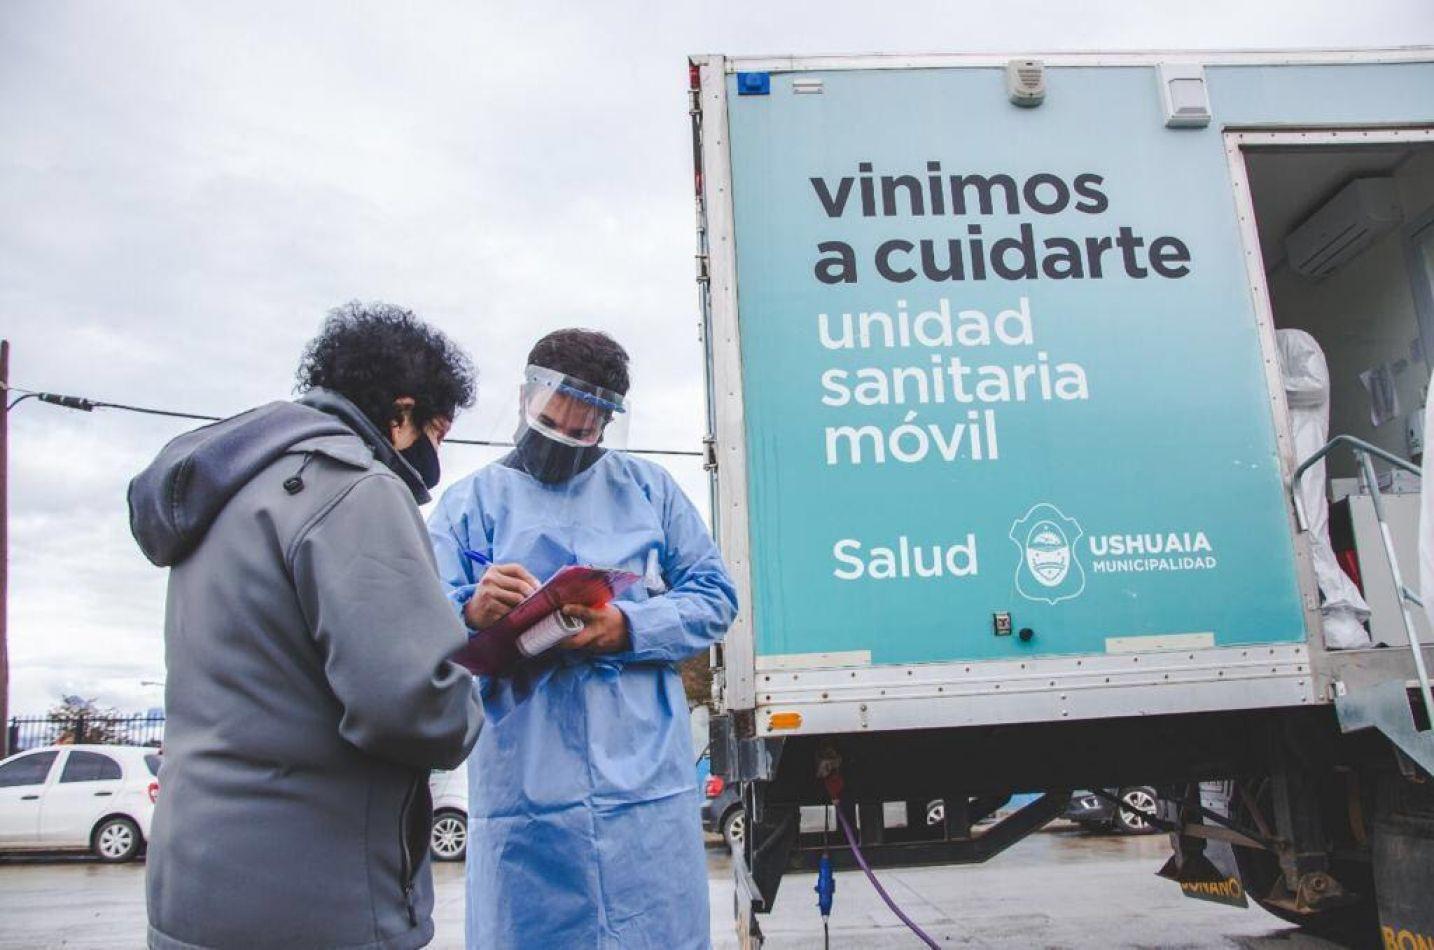 Municipio de Ushuaia volverá a hisopar el próximos miércoles